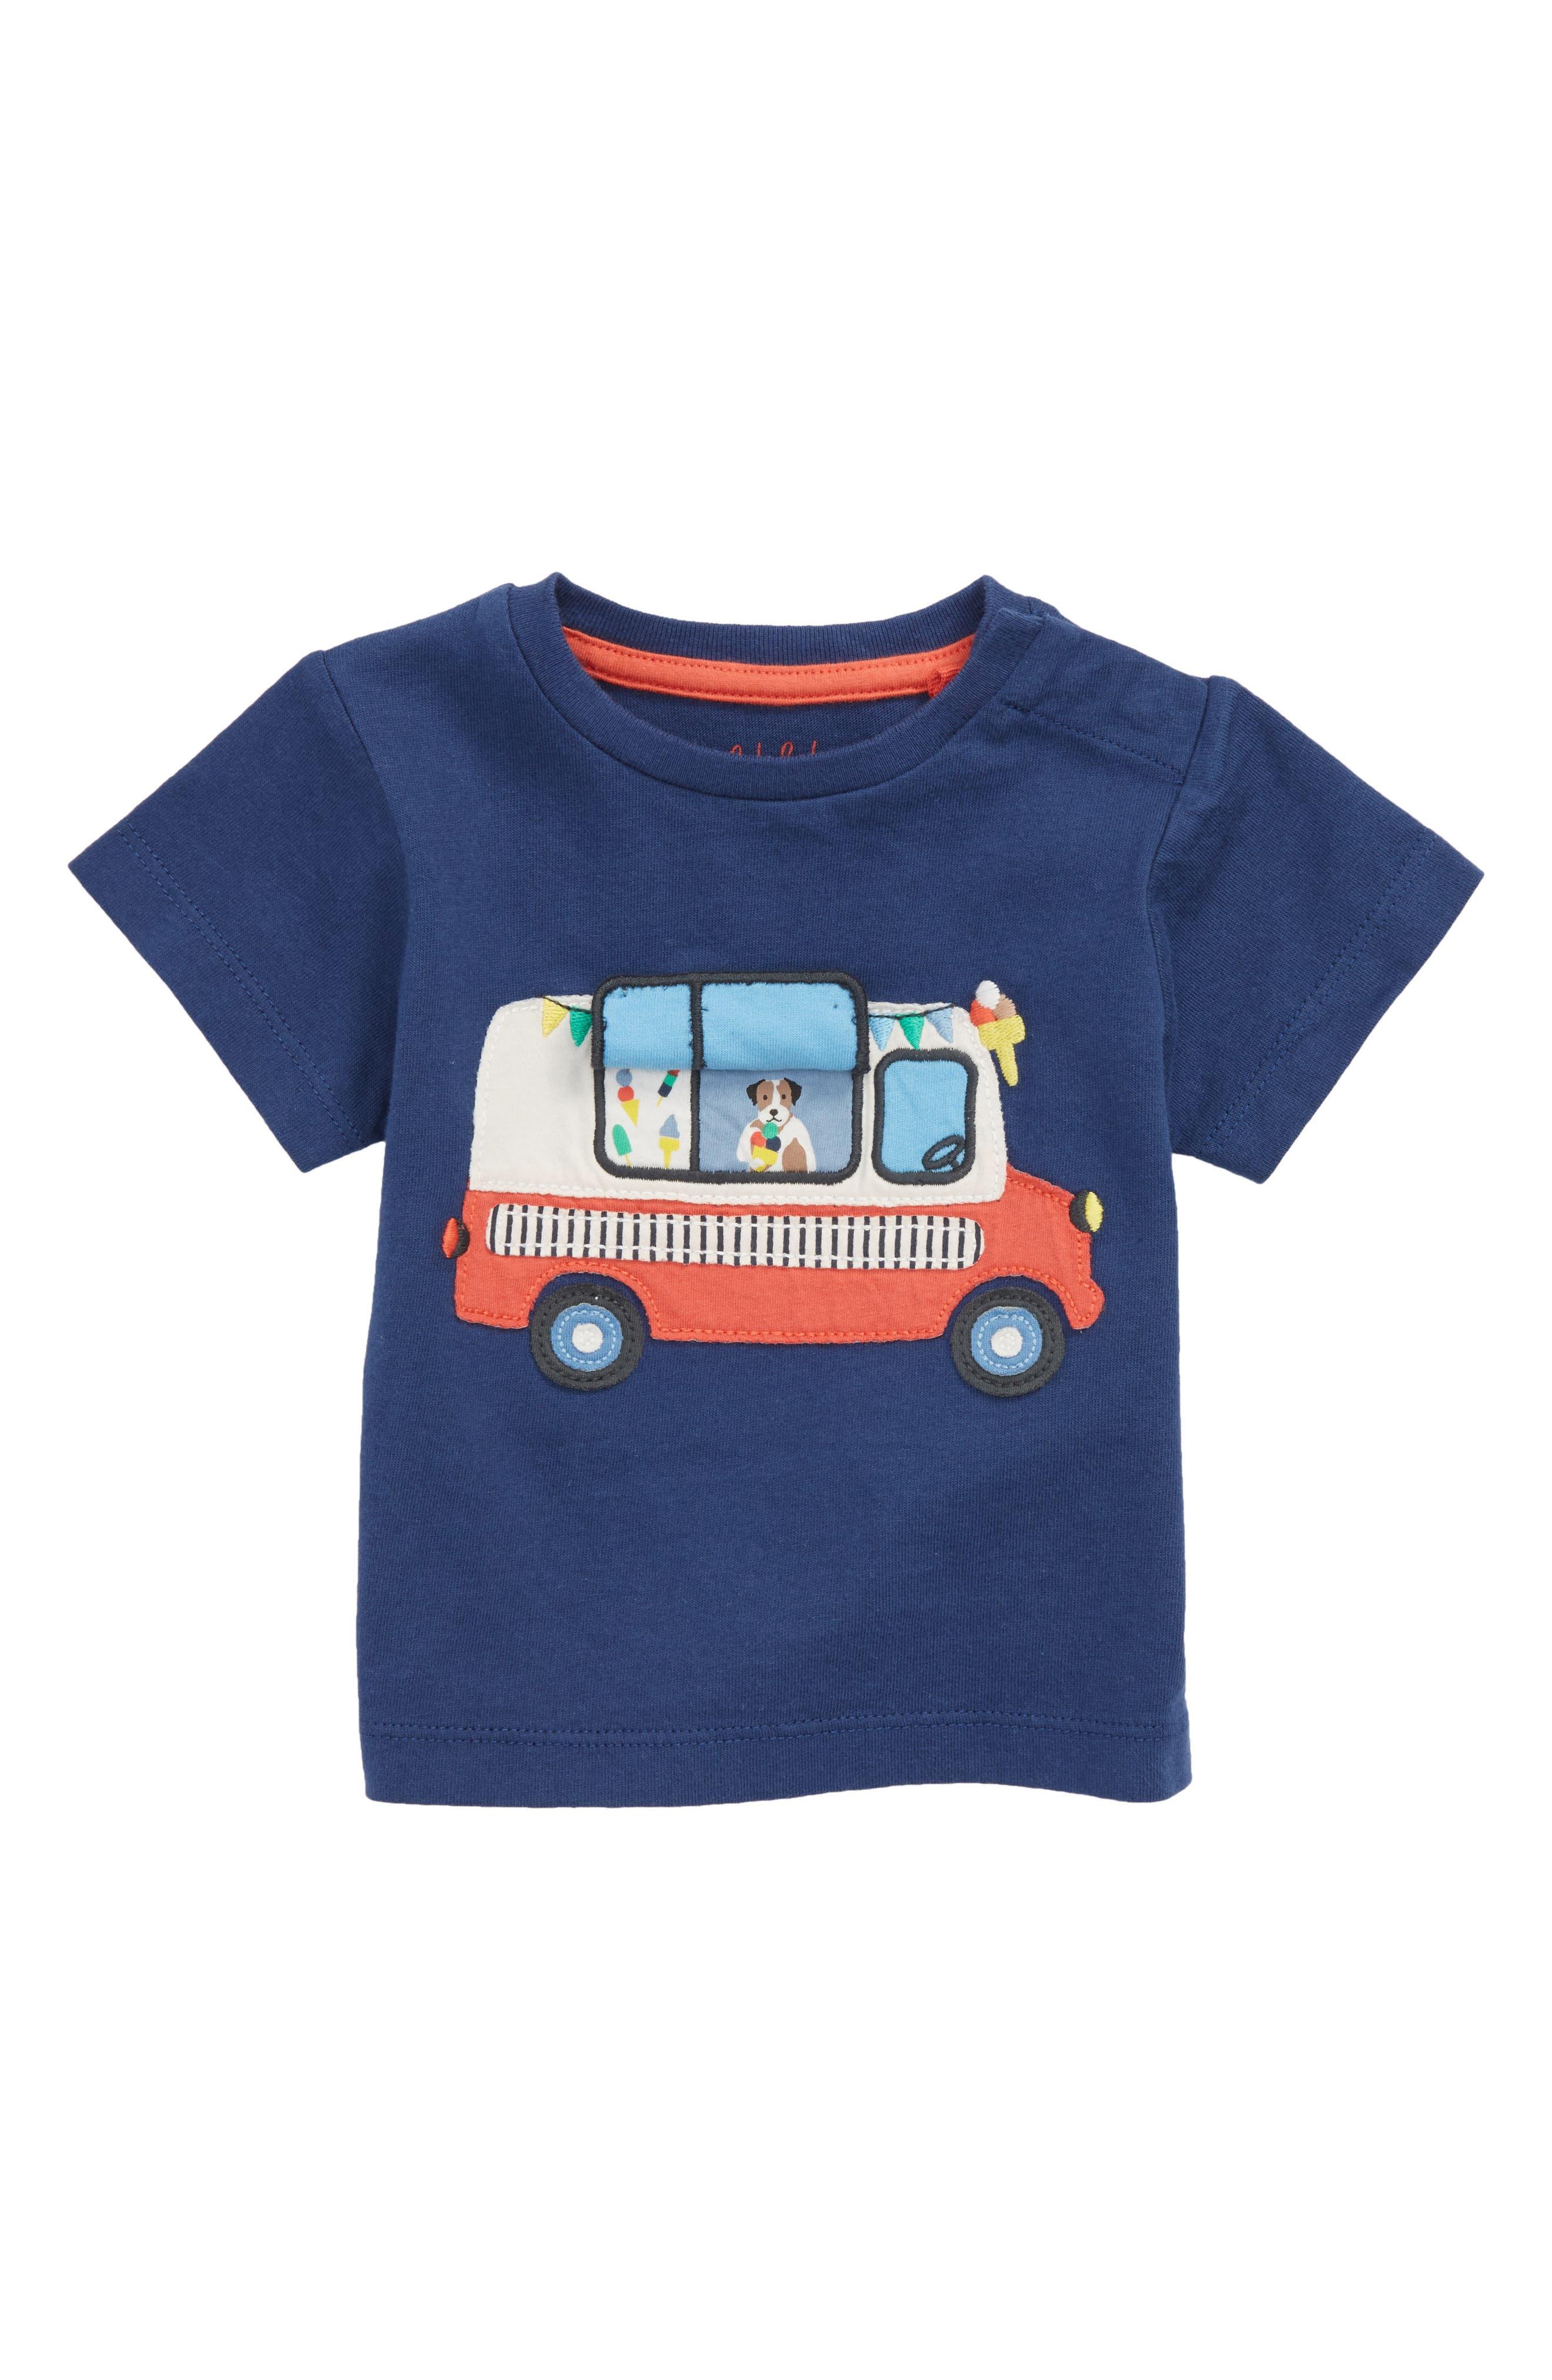 Peekaboo T-Shirt,                             Alternate thumbnail 2, color,                             Beacon Blue